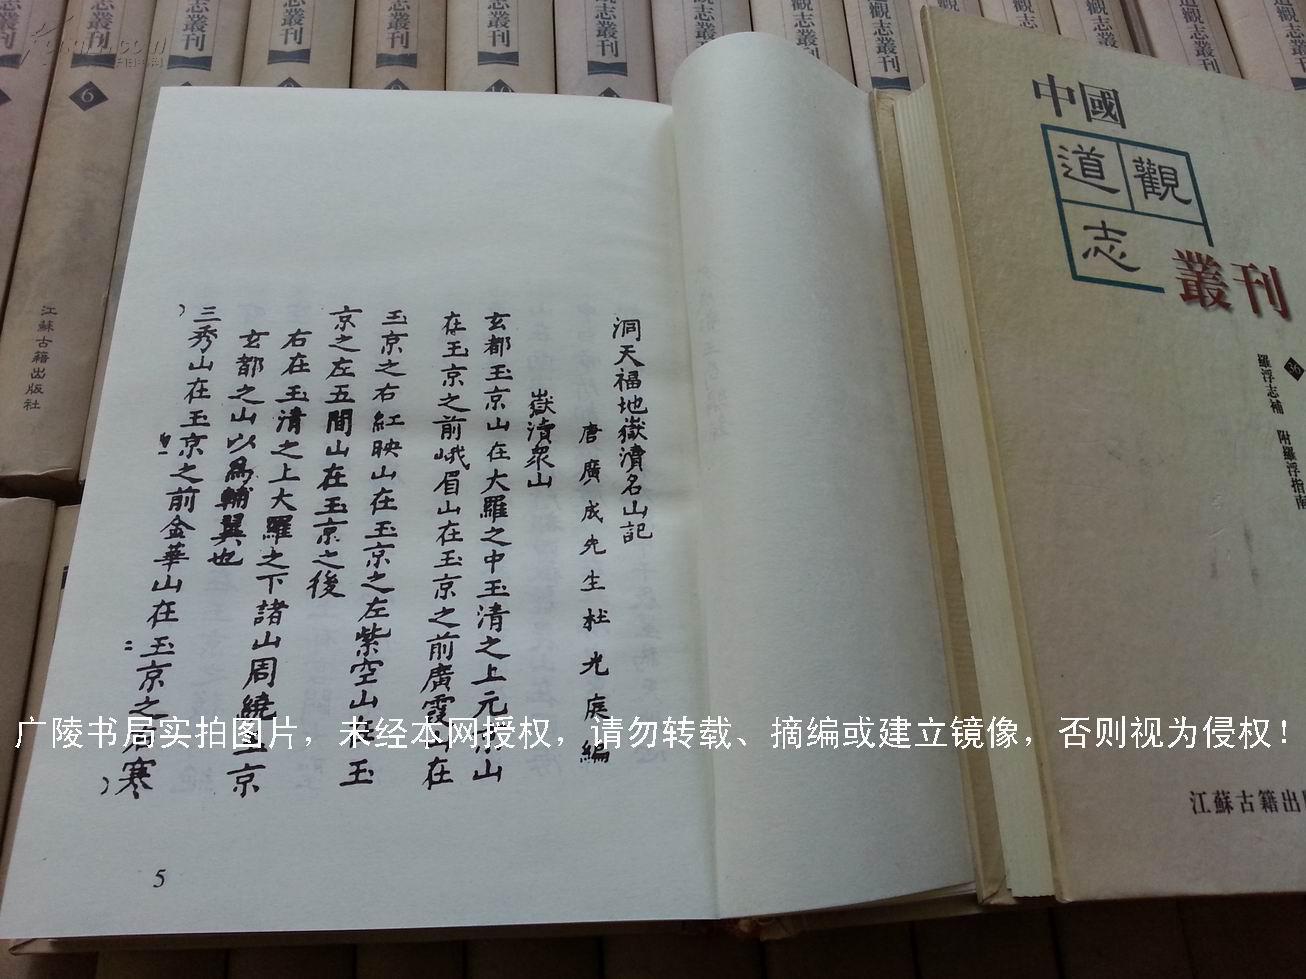 江苏古籍出版社